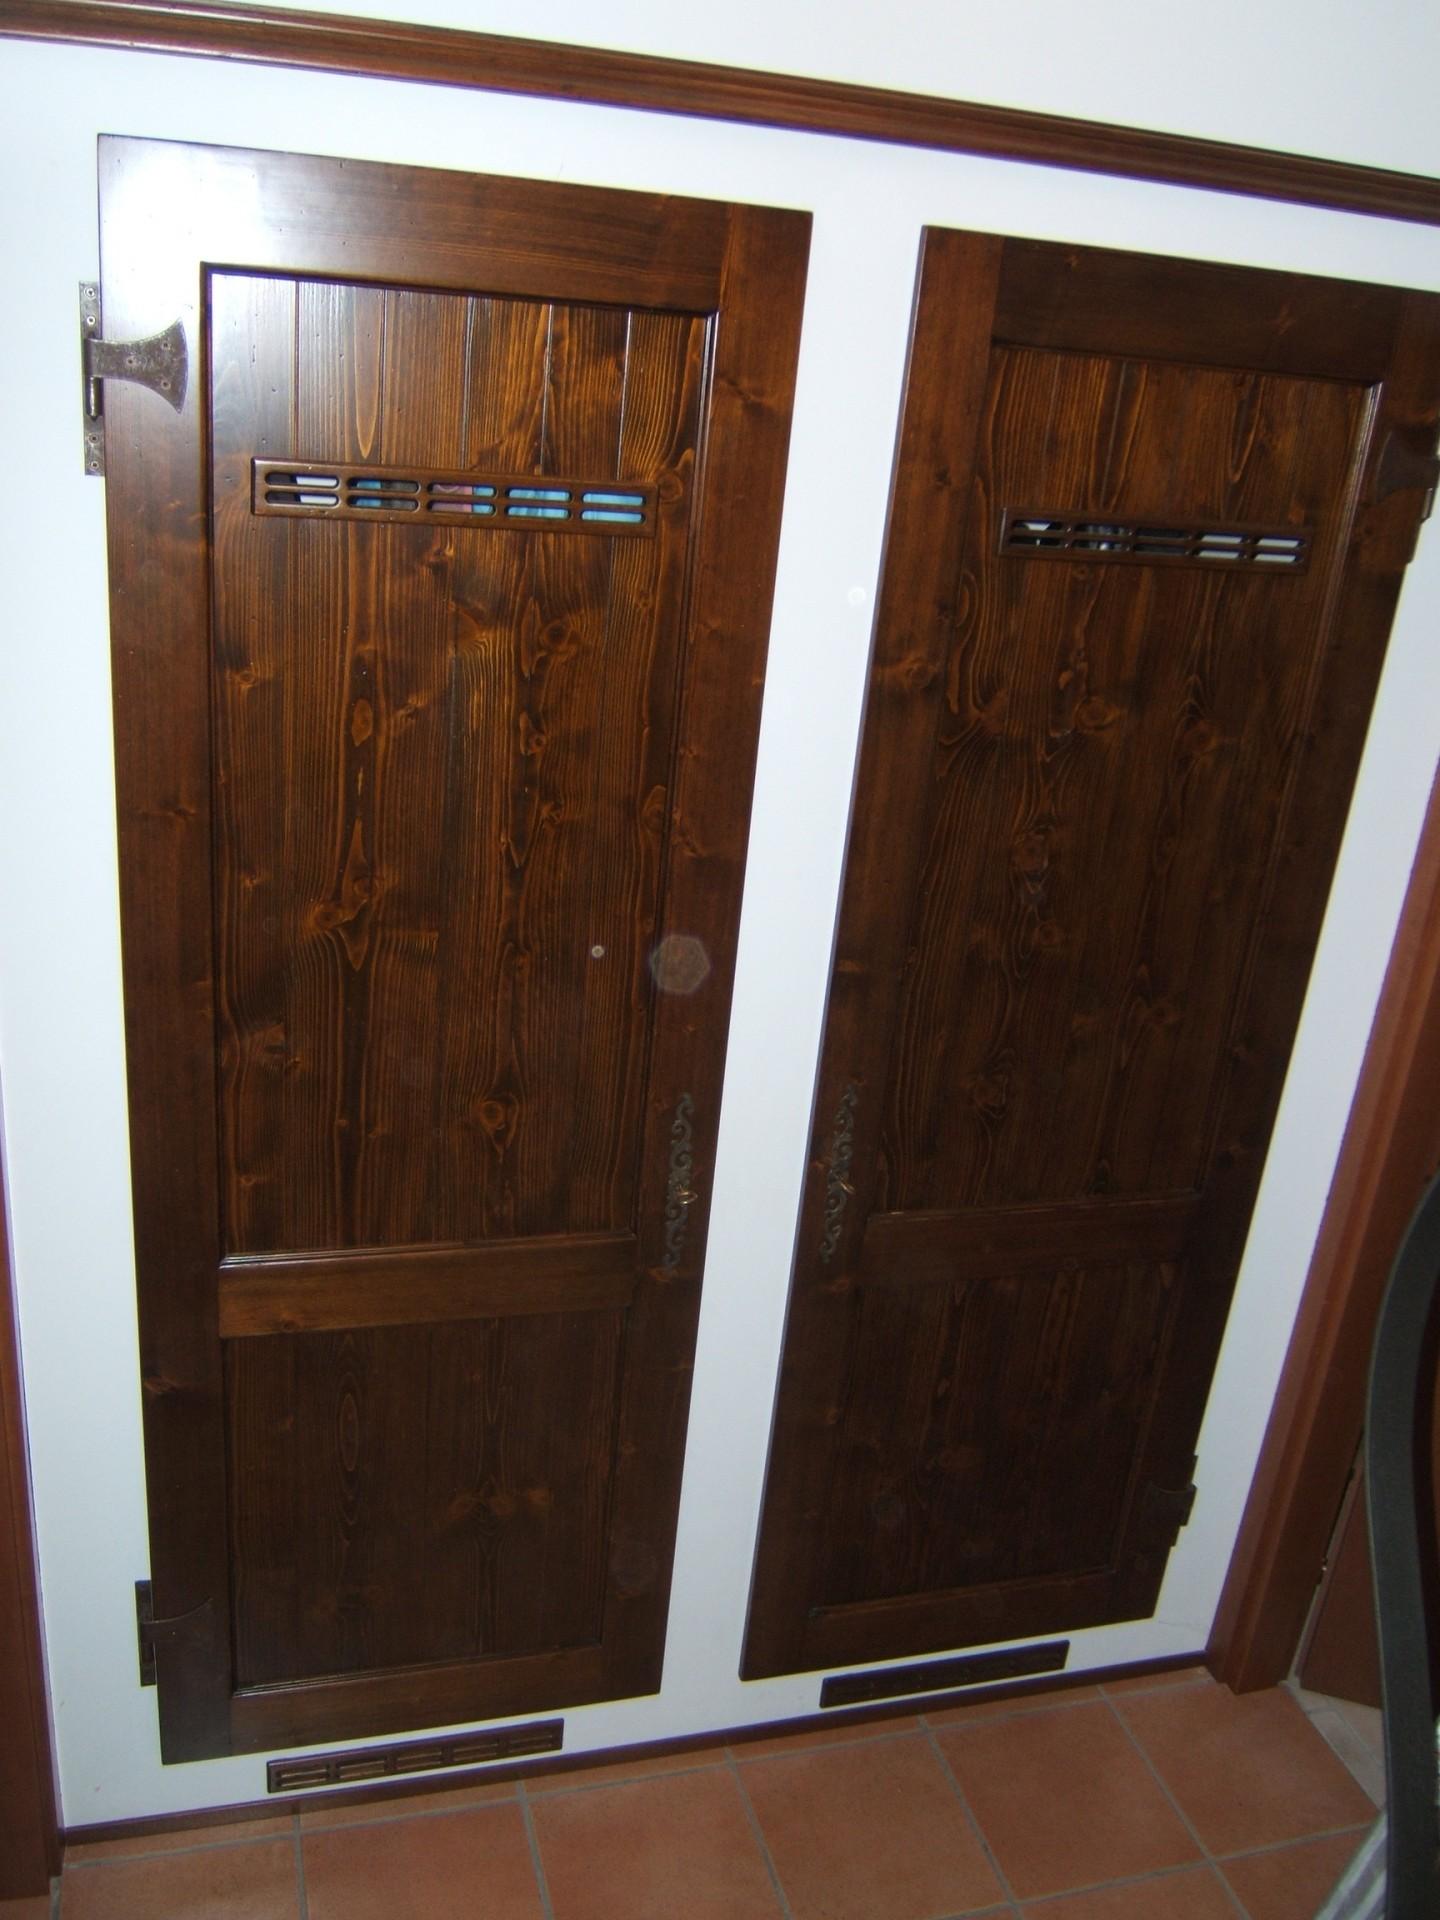 Mobili su misura fadini mobili cerea verona for Ante in legno per cucina in muratura